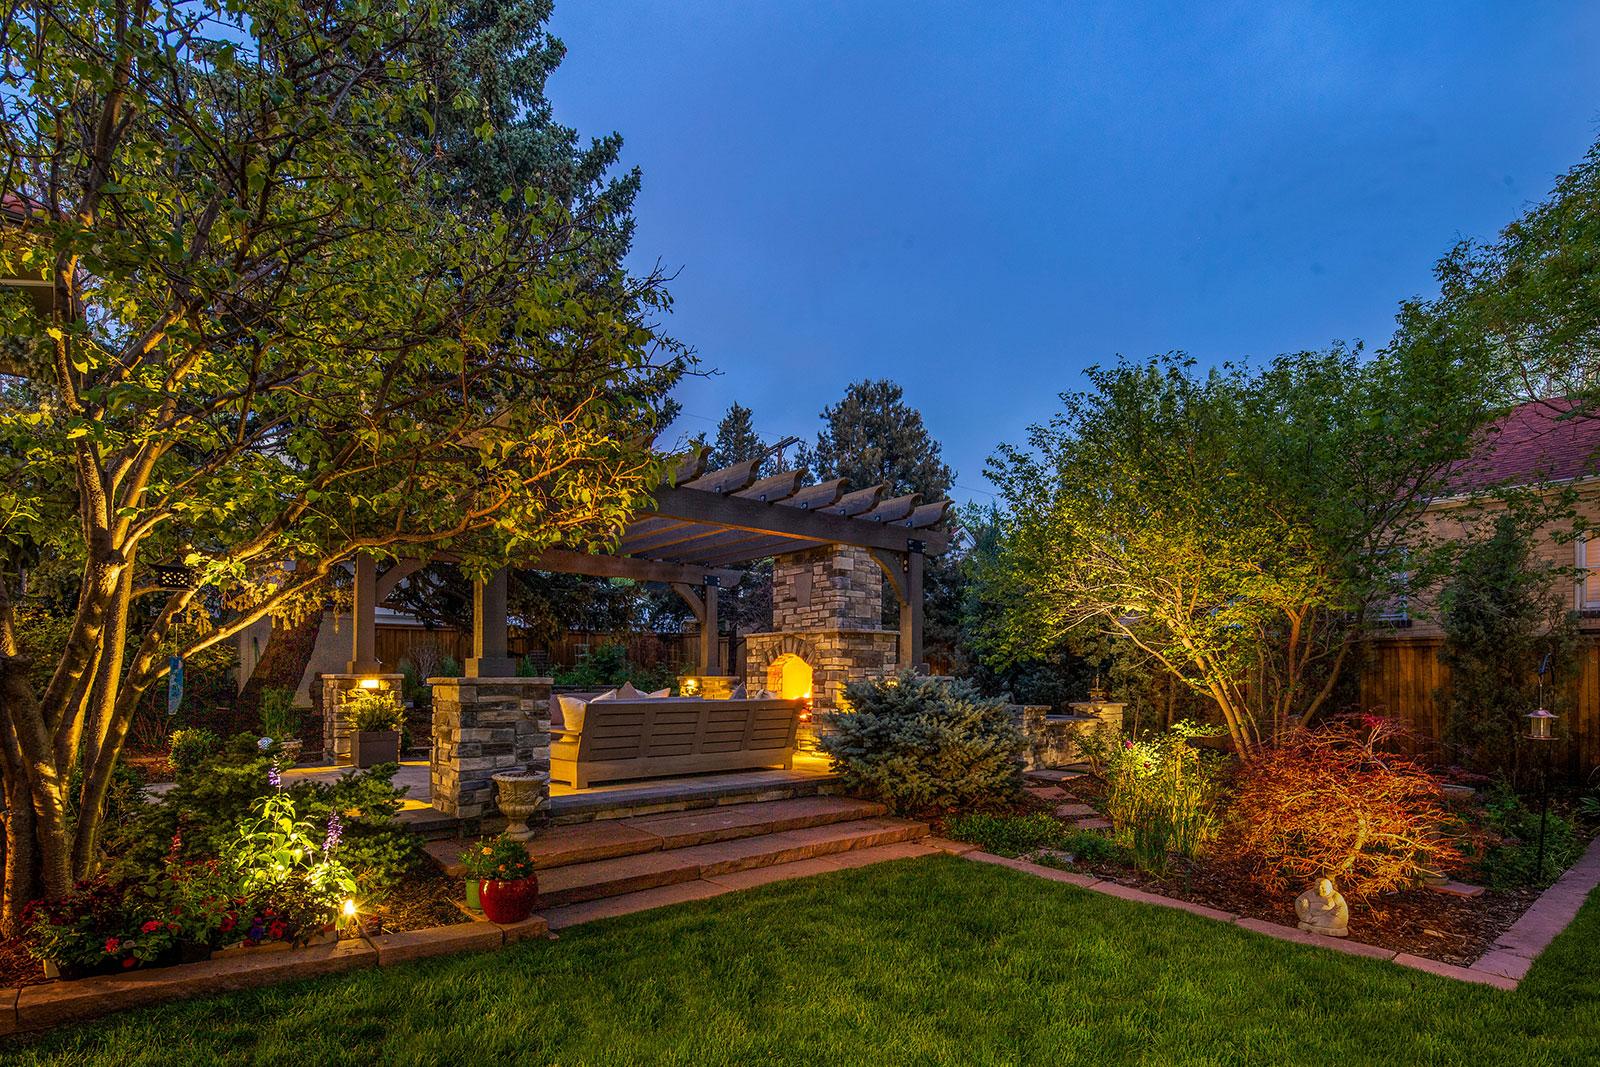 LL-20-6 - Elite Landscape & Outdoor Living - Elite ... on Elite Landscape And Outdoor Living id=48074